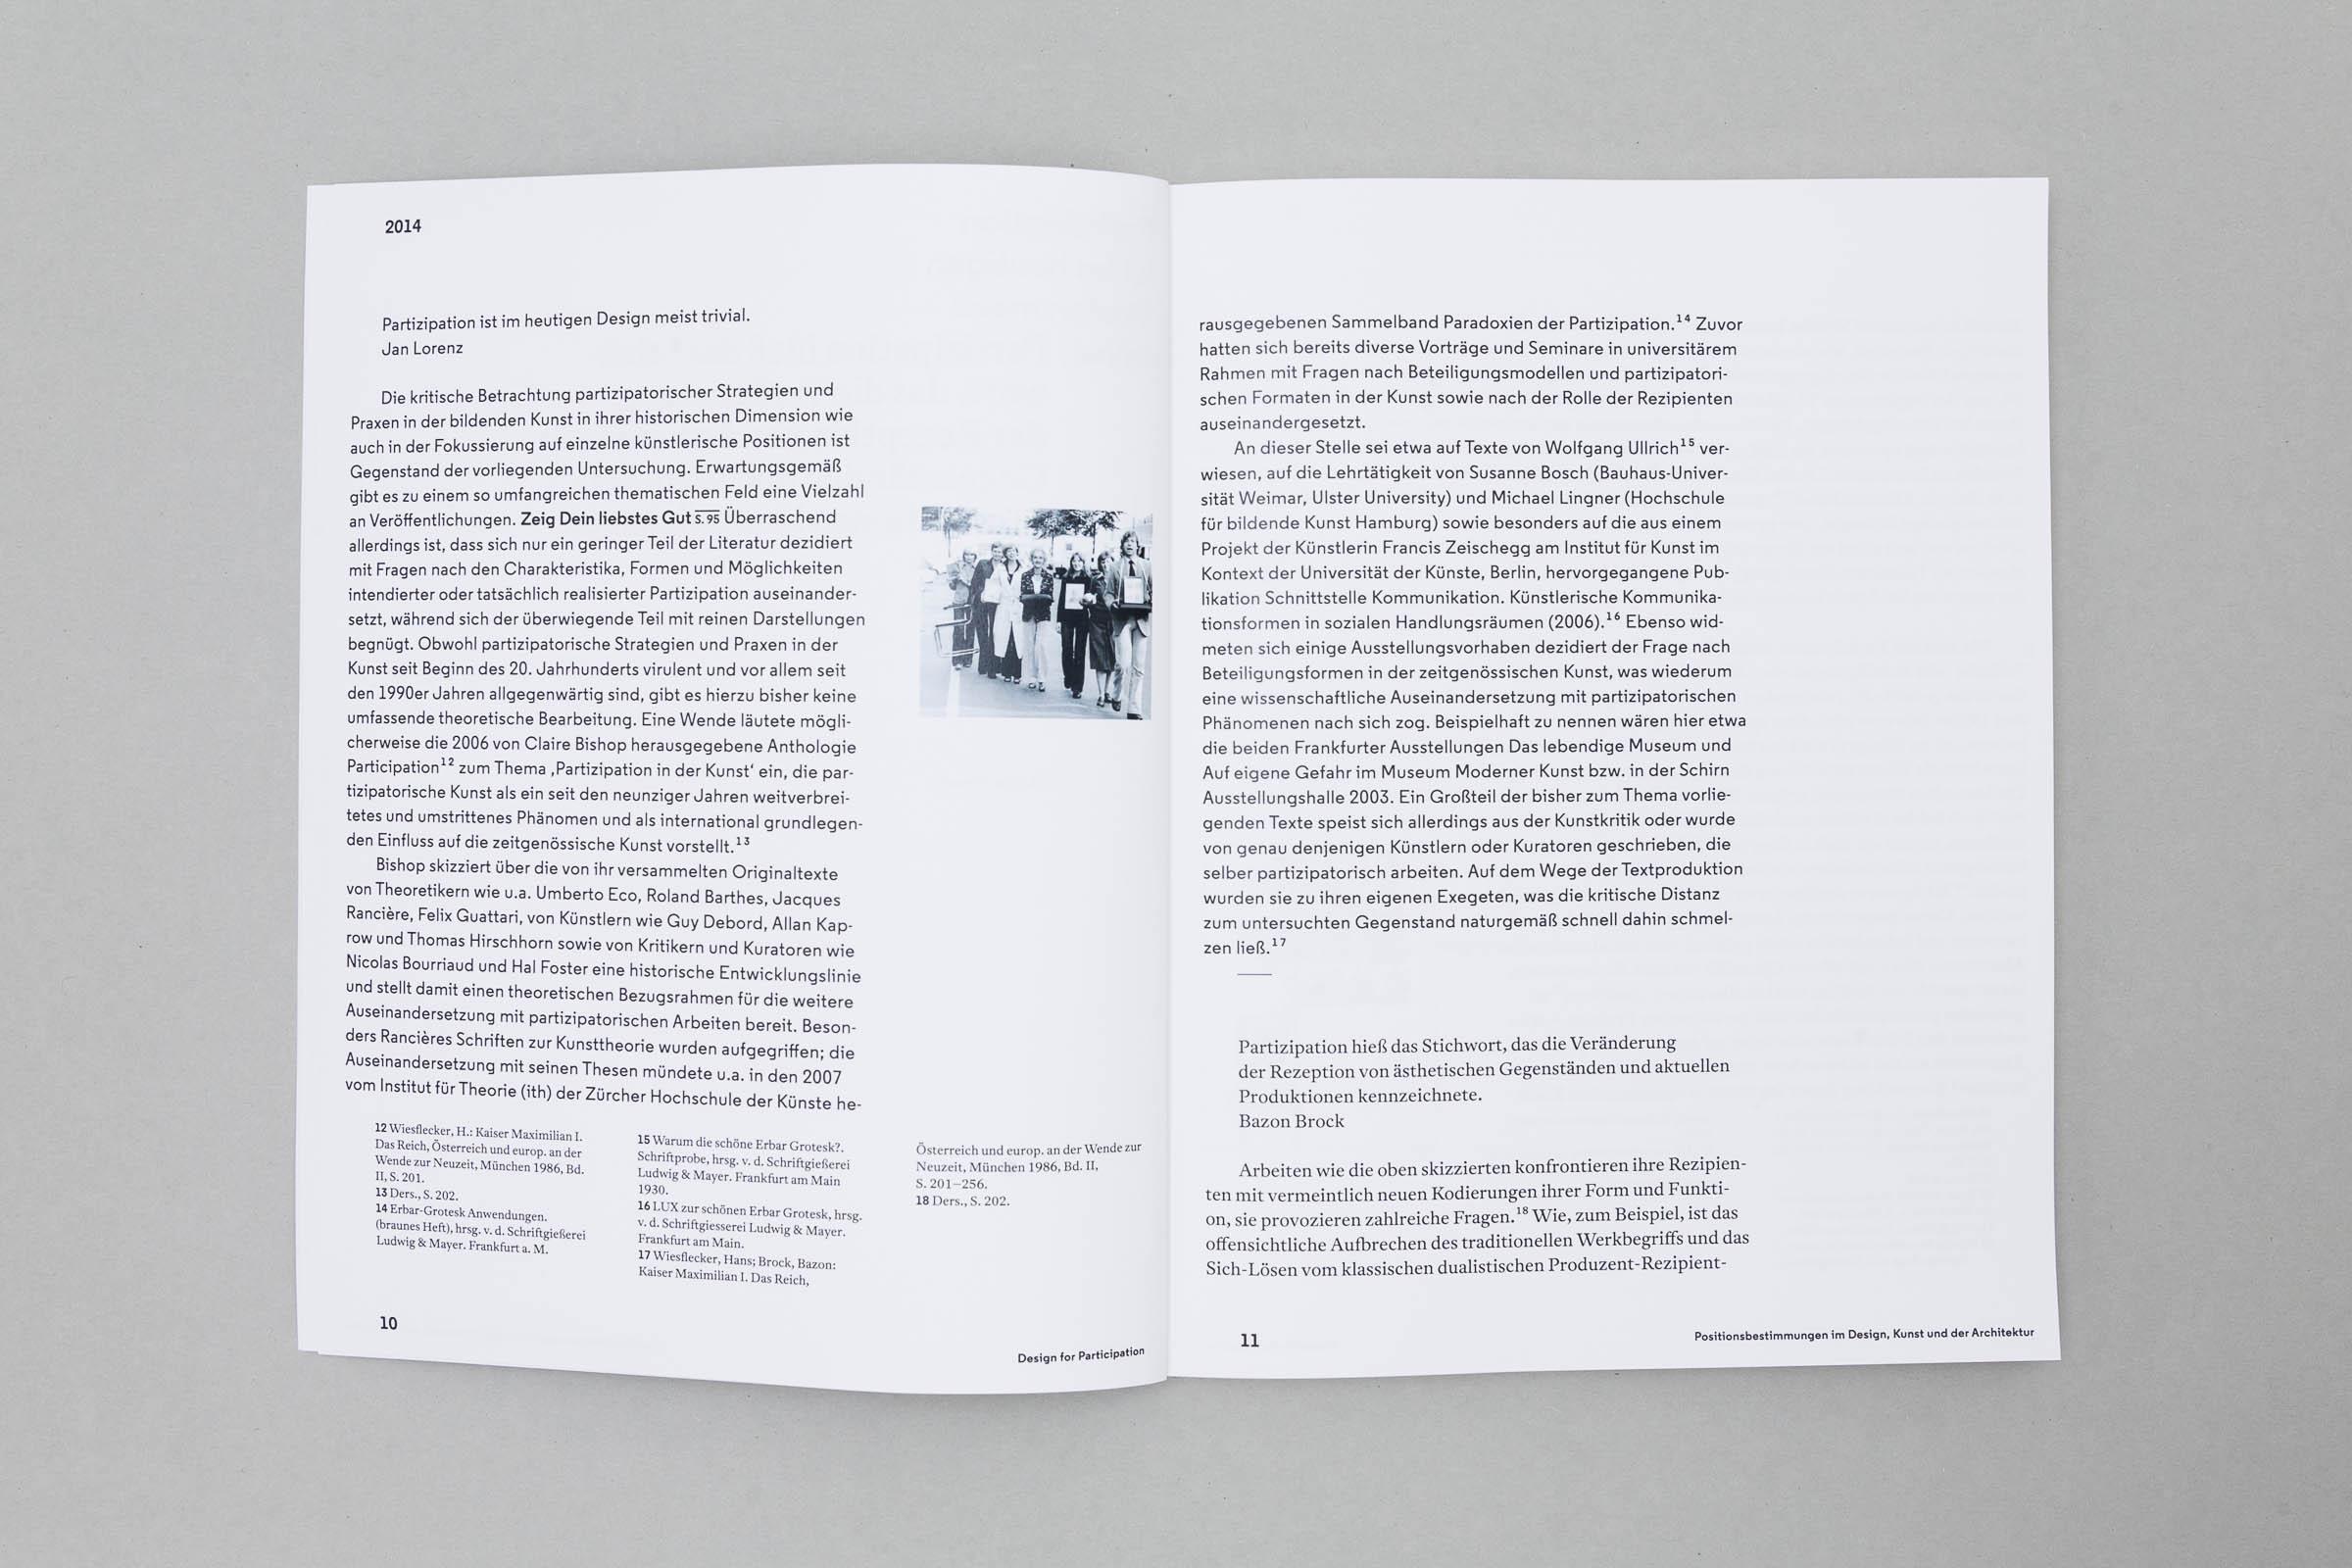 Design for Participation Buchgestaltung Doppelseite mit Fließtext und Fußnoten © Christian Weber – Büro für Gestaltung und Kommunikation